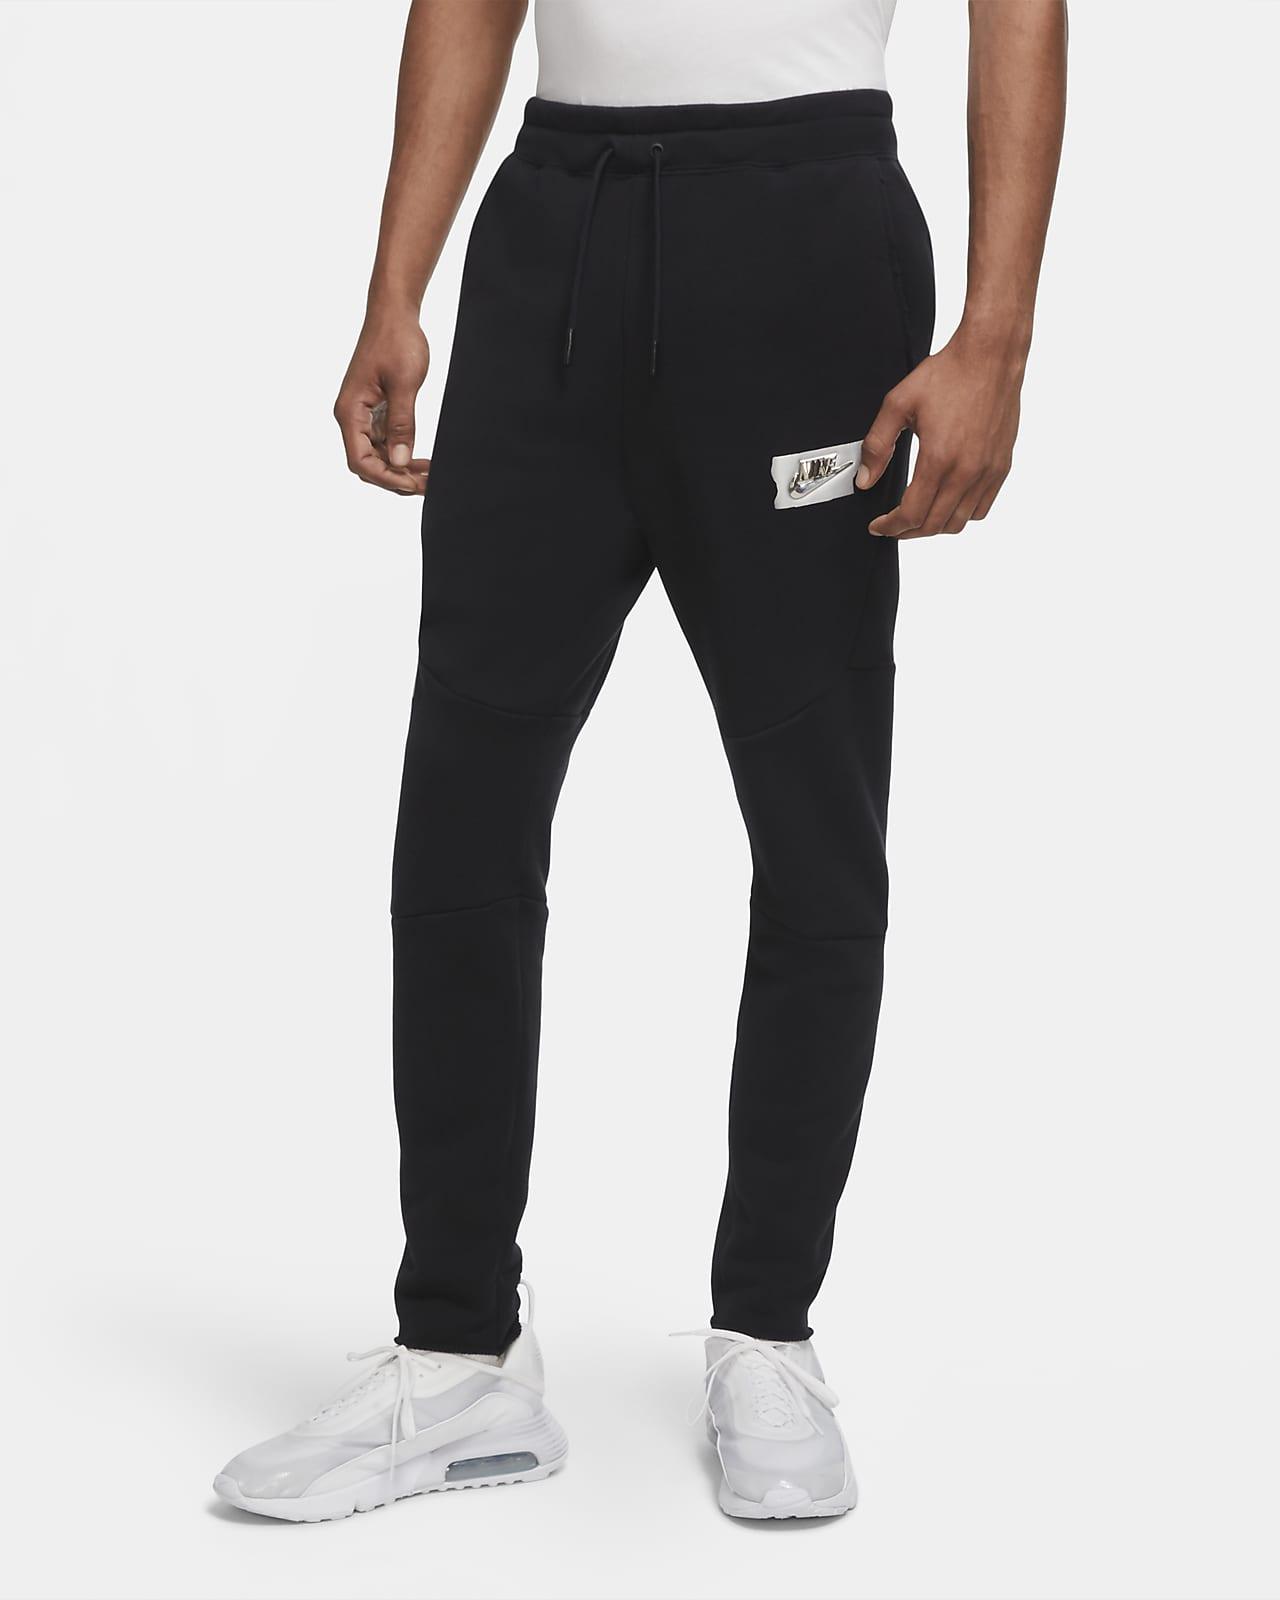 Nike Sportswear Men's Punk Pants